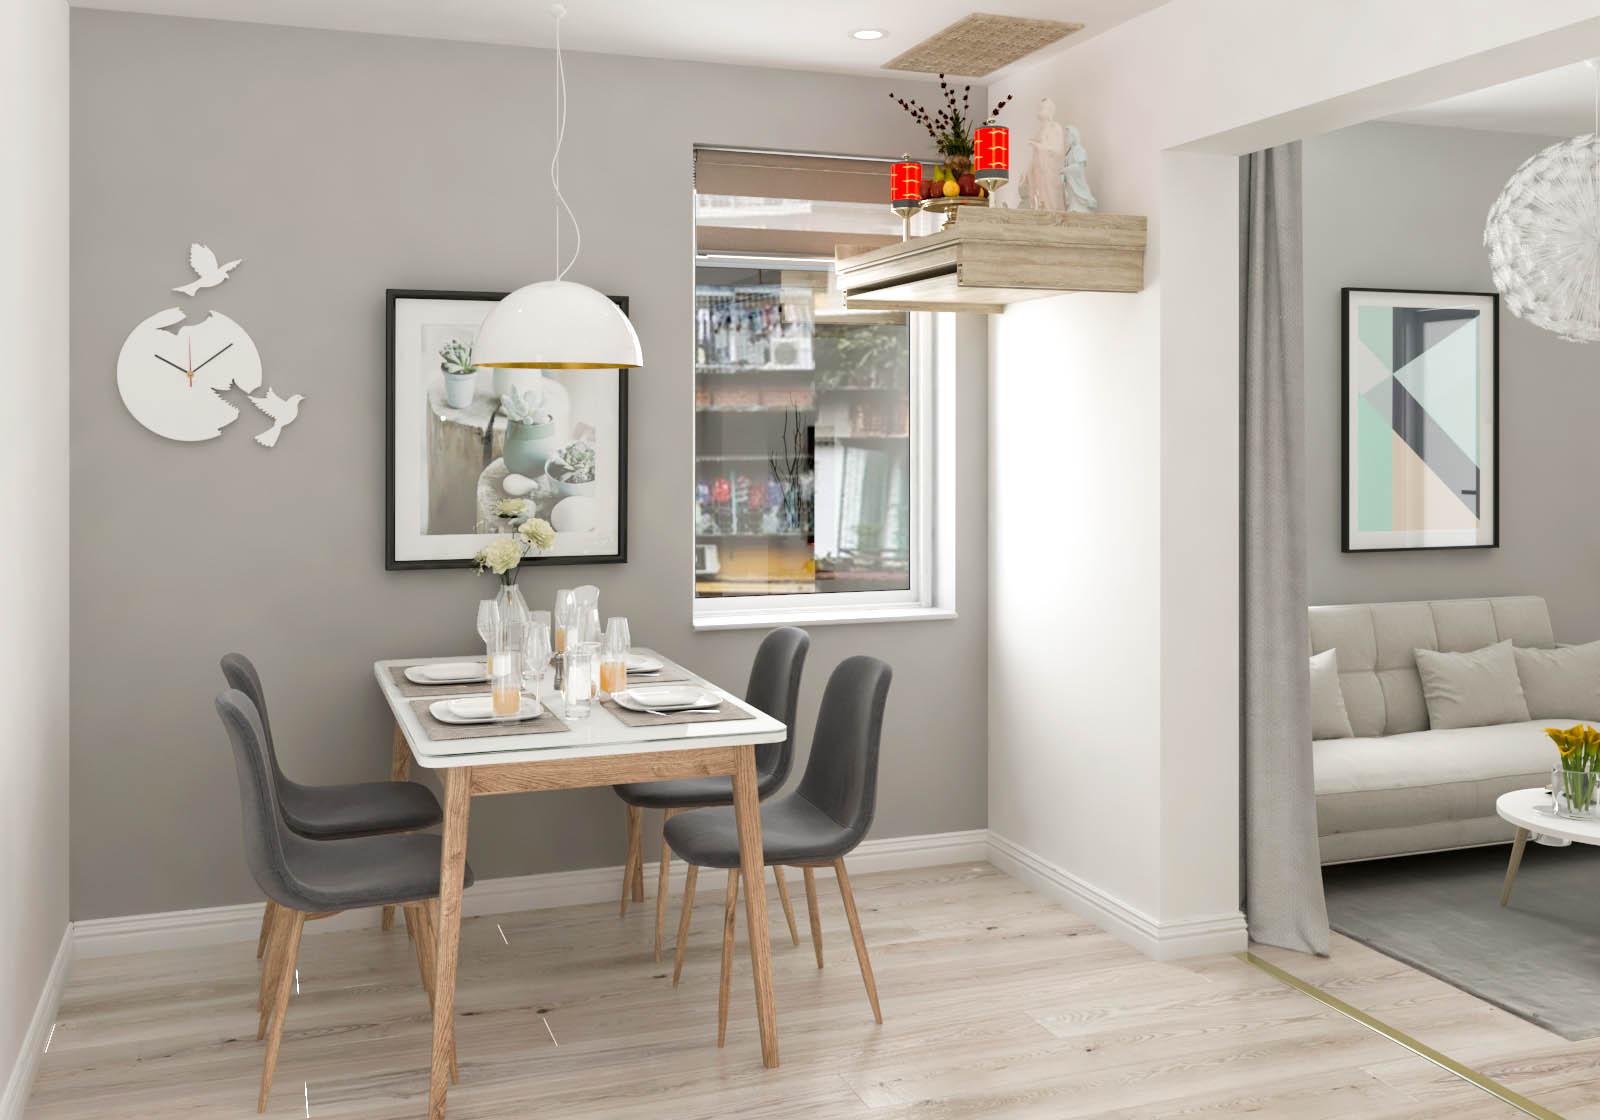 Tư vấn thiết kế cải tạo căn hộ tập thể 50m² với tổng chi phí 180 triệu đồng - Ảnh 8.